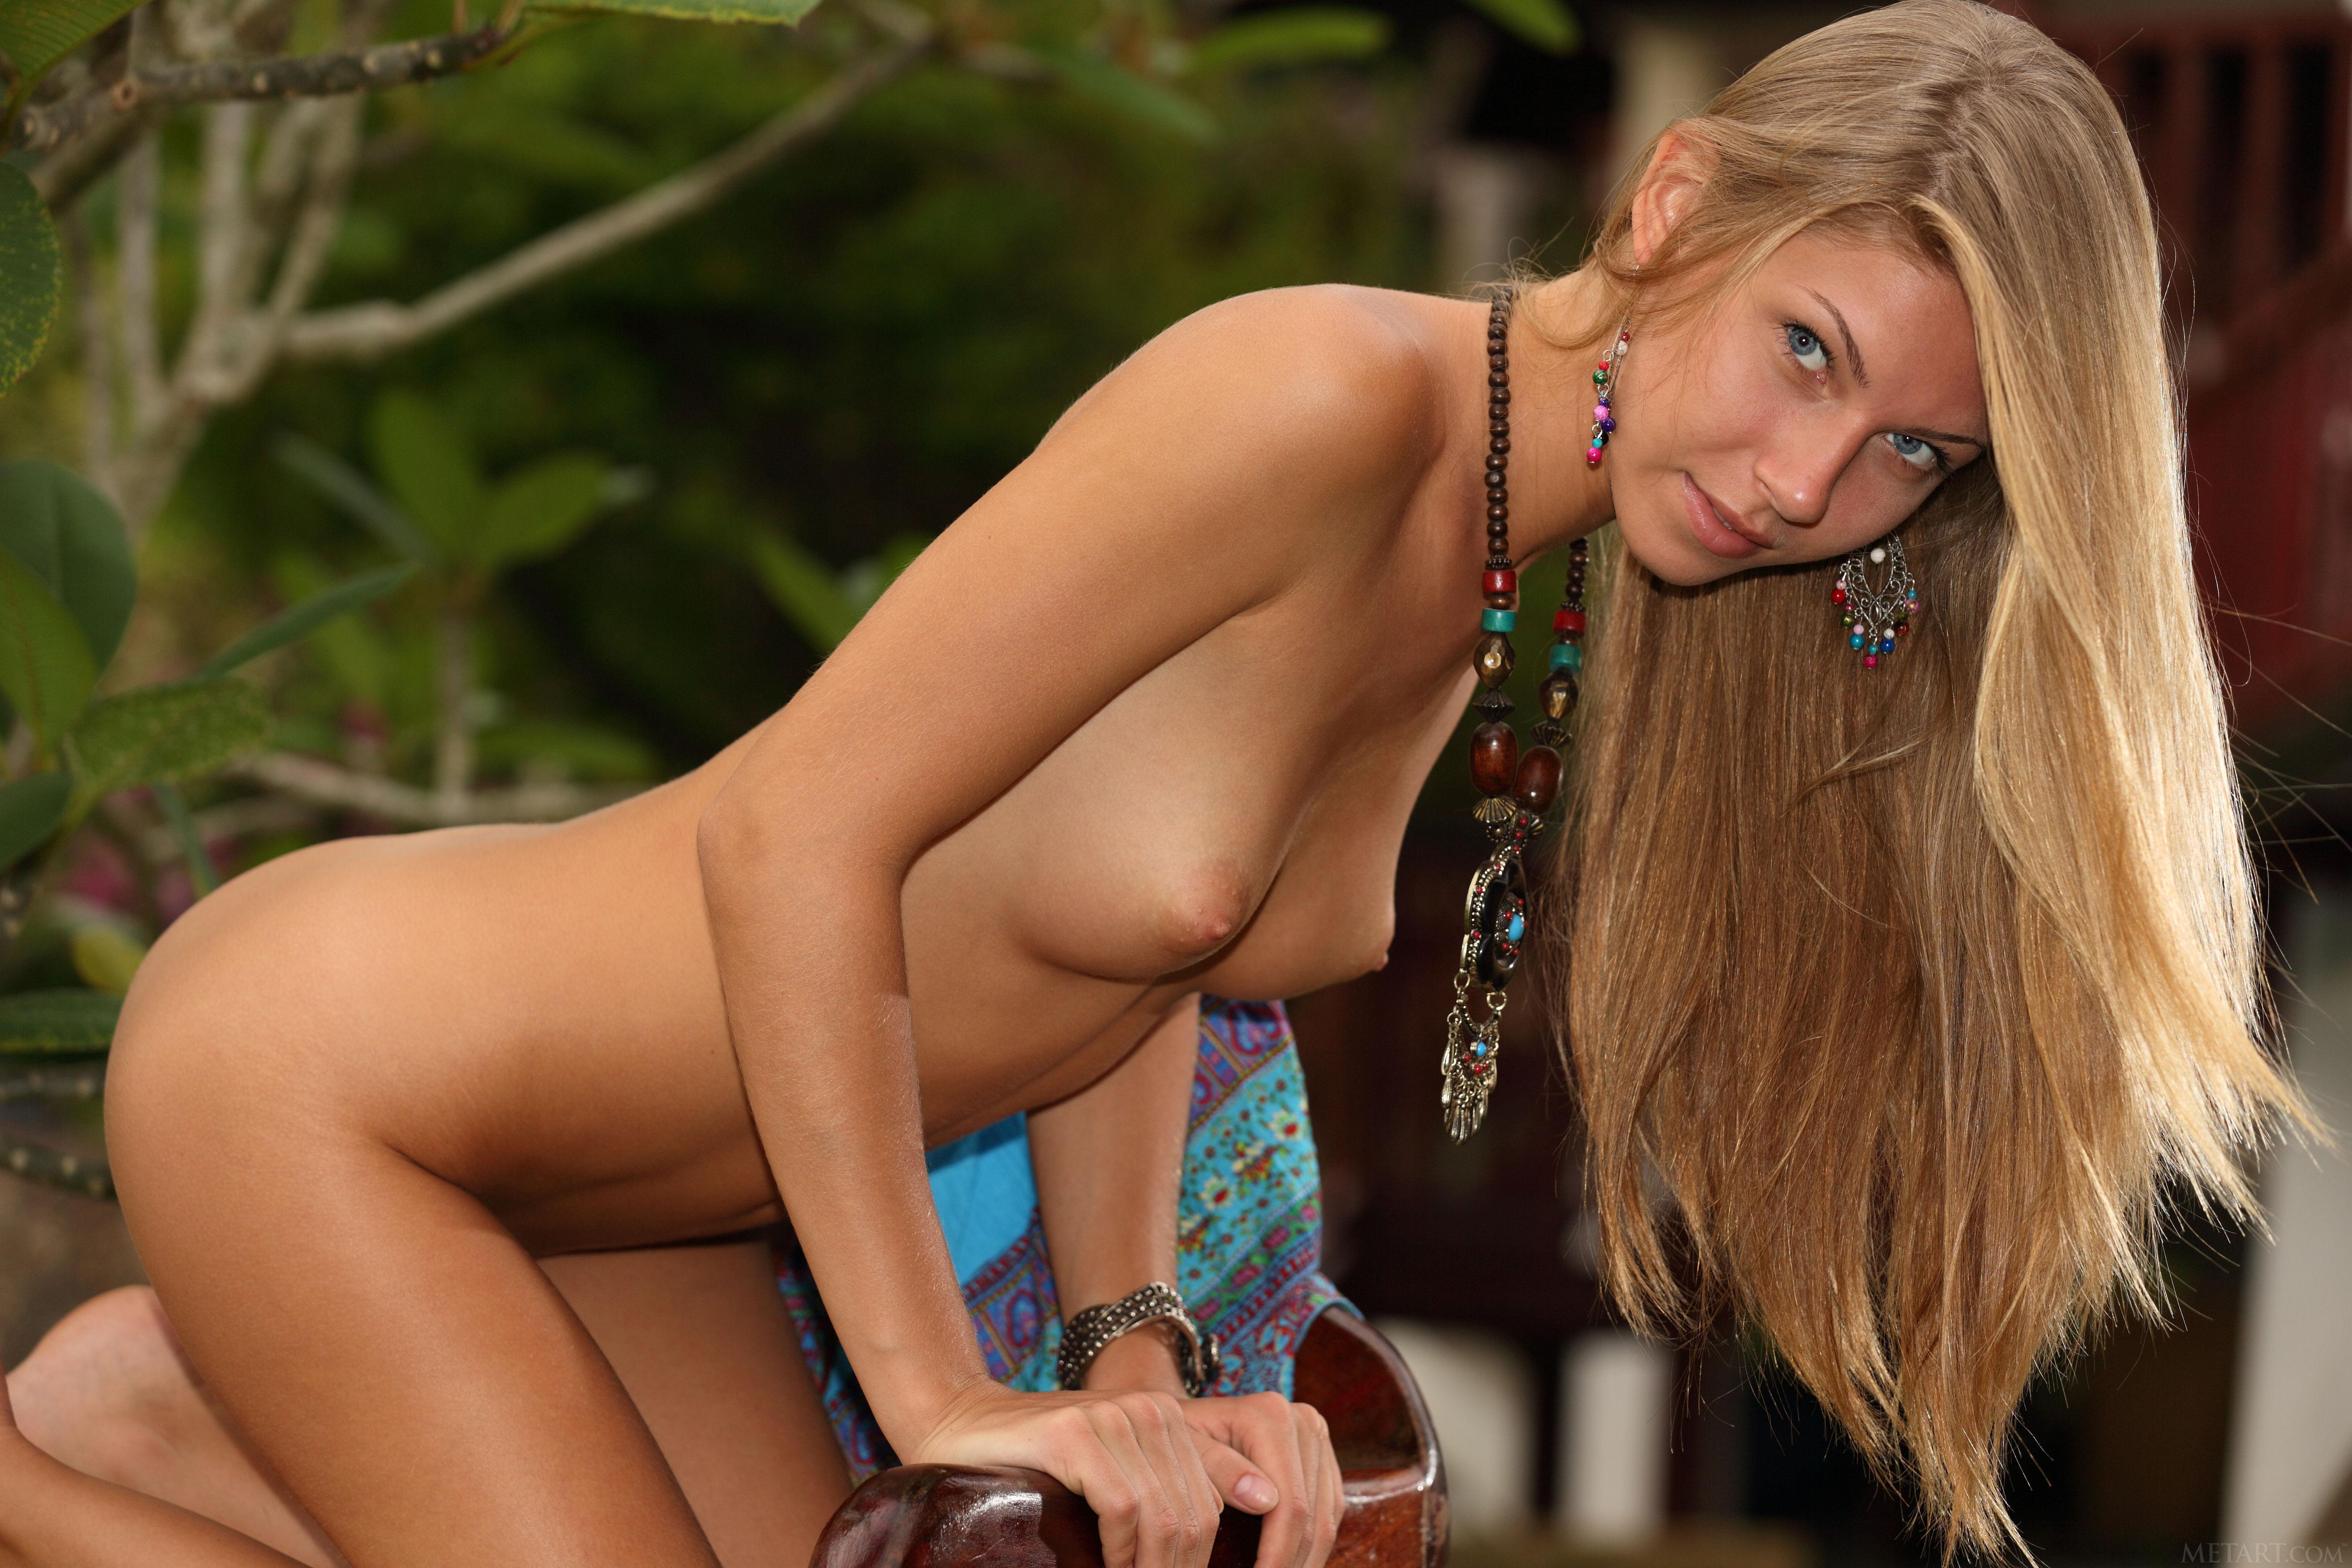 Hot nude sluts tied up